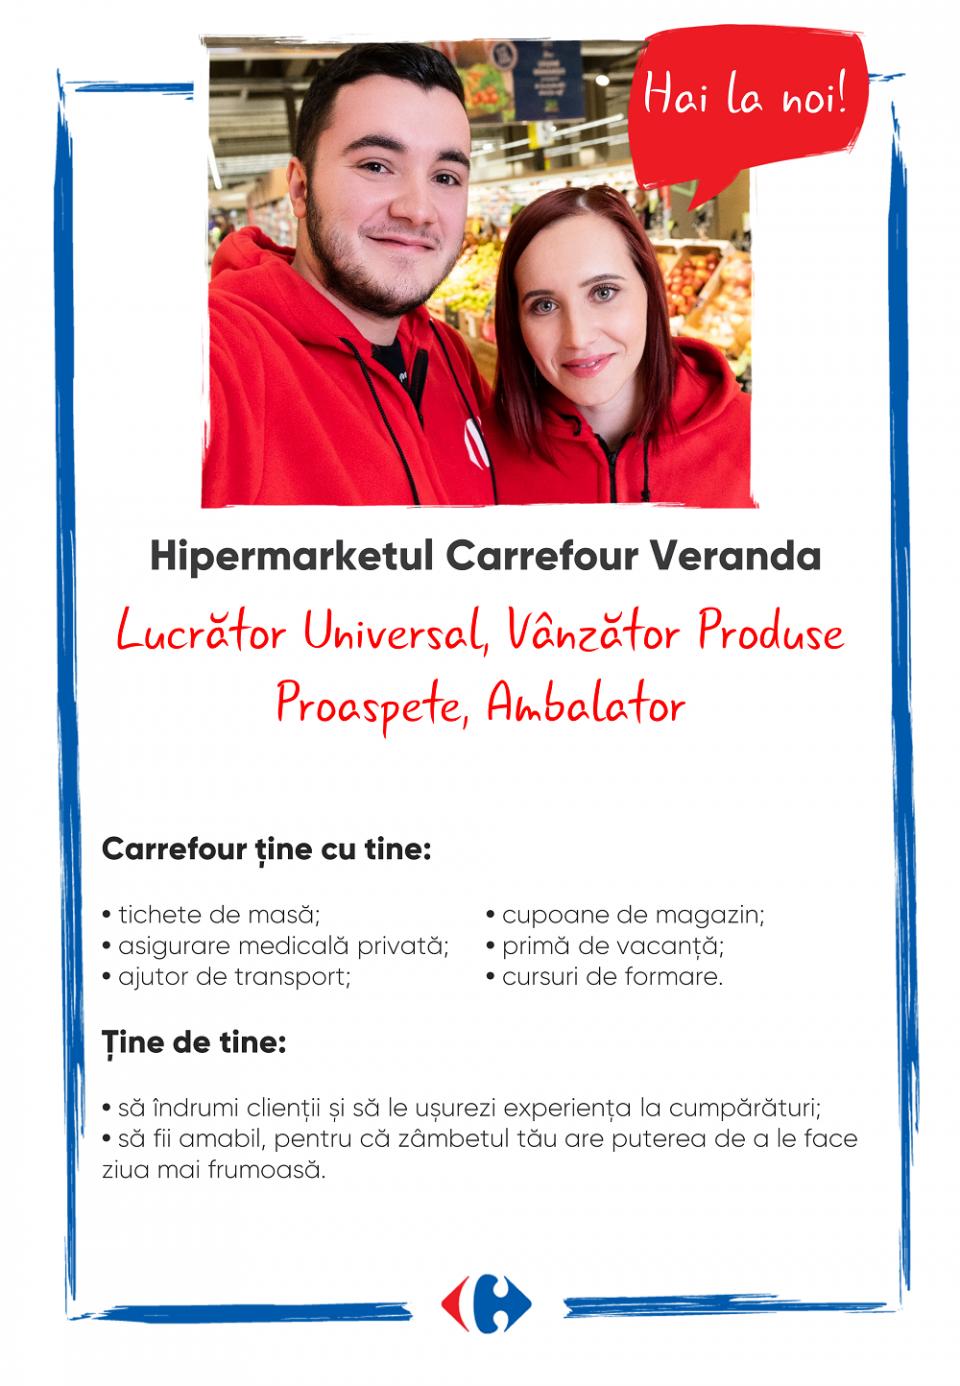 Carrefour ține cu tine: Tichete de masă Asigurare medicală privată Cupoane de magazin Primă de vacanță Cursuri de formare   Ține de tine: Să îndrumi clienții și să le ușurezi experiența de cumpărare. Să fii amabil pentru că zâmbetul tău are puterea de a le face ziua mai frumoasă.  Carrefour ține cu tine: Tichete de masă Asigurare medicală privată Cupoane de magazin Primă de vacanță Cursuri de formare   Ține de tine: Să îndrumi clienții și să le ușurezi experiența de cumpărare. Să fii amabil pentru că zâmbetul tău are puterea de a le face ziua mai frumoasă.   lucrator comercial  vanzator produse proaspete amabalator lucrator universal manipulant marfa Lumea Carrefour e mai mult. E despre oameni!Lumea noastră? E despre prietenia fără vârstă și bucuria de a fi buni în ceea ce facem. Despre diversitatea meseriilor, dar mai ales despre diversitatea membrilor unei mari familii. Despre emoția primului job și satisfacția pe care o avem când suntem de ajutor.Fiecare dintre noi avem trăsături care ne fac să fim unici și valoroși. Suntem diferiți și în același timp suntem la fel ca toți românii: vrem să fim liberi, să alegem, să ne exprimăm punctul de vedere, să ne simțim bine.